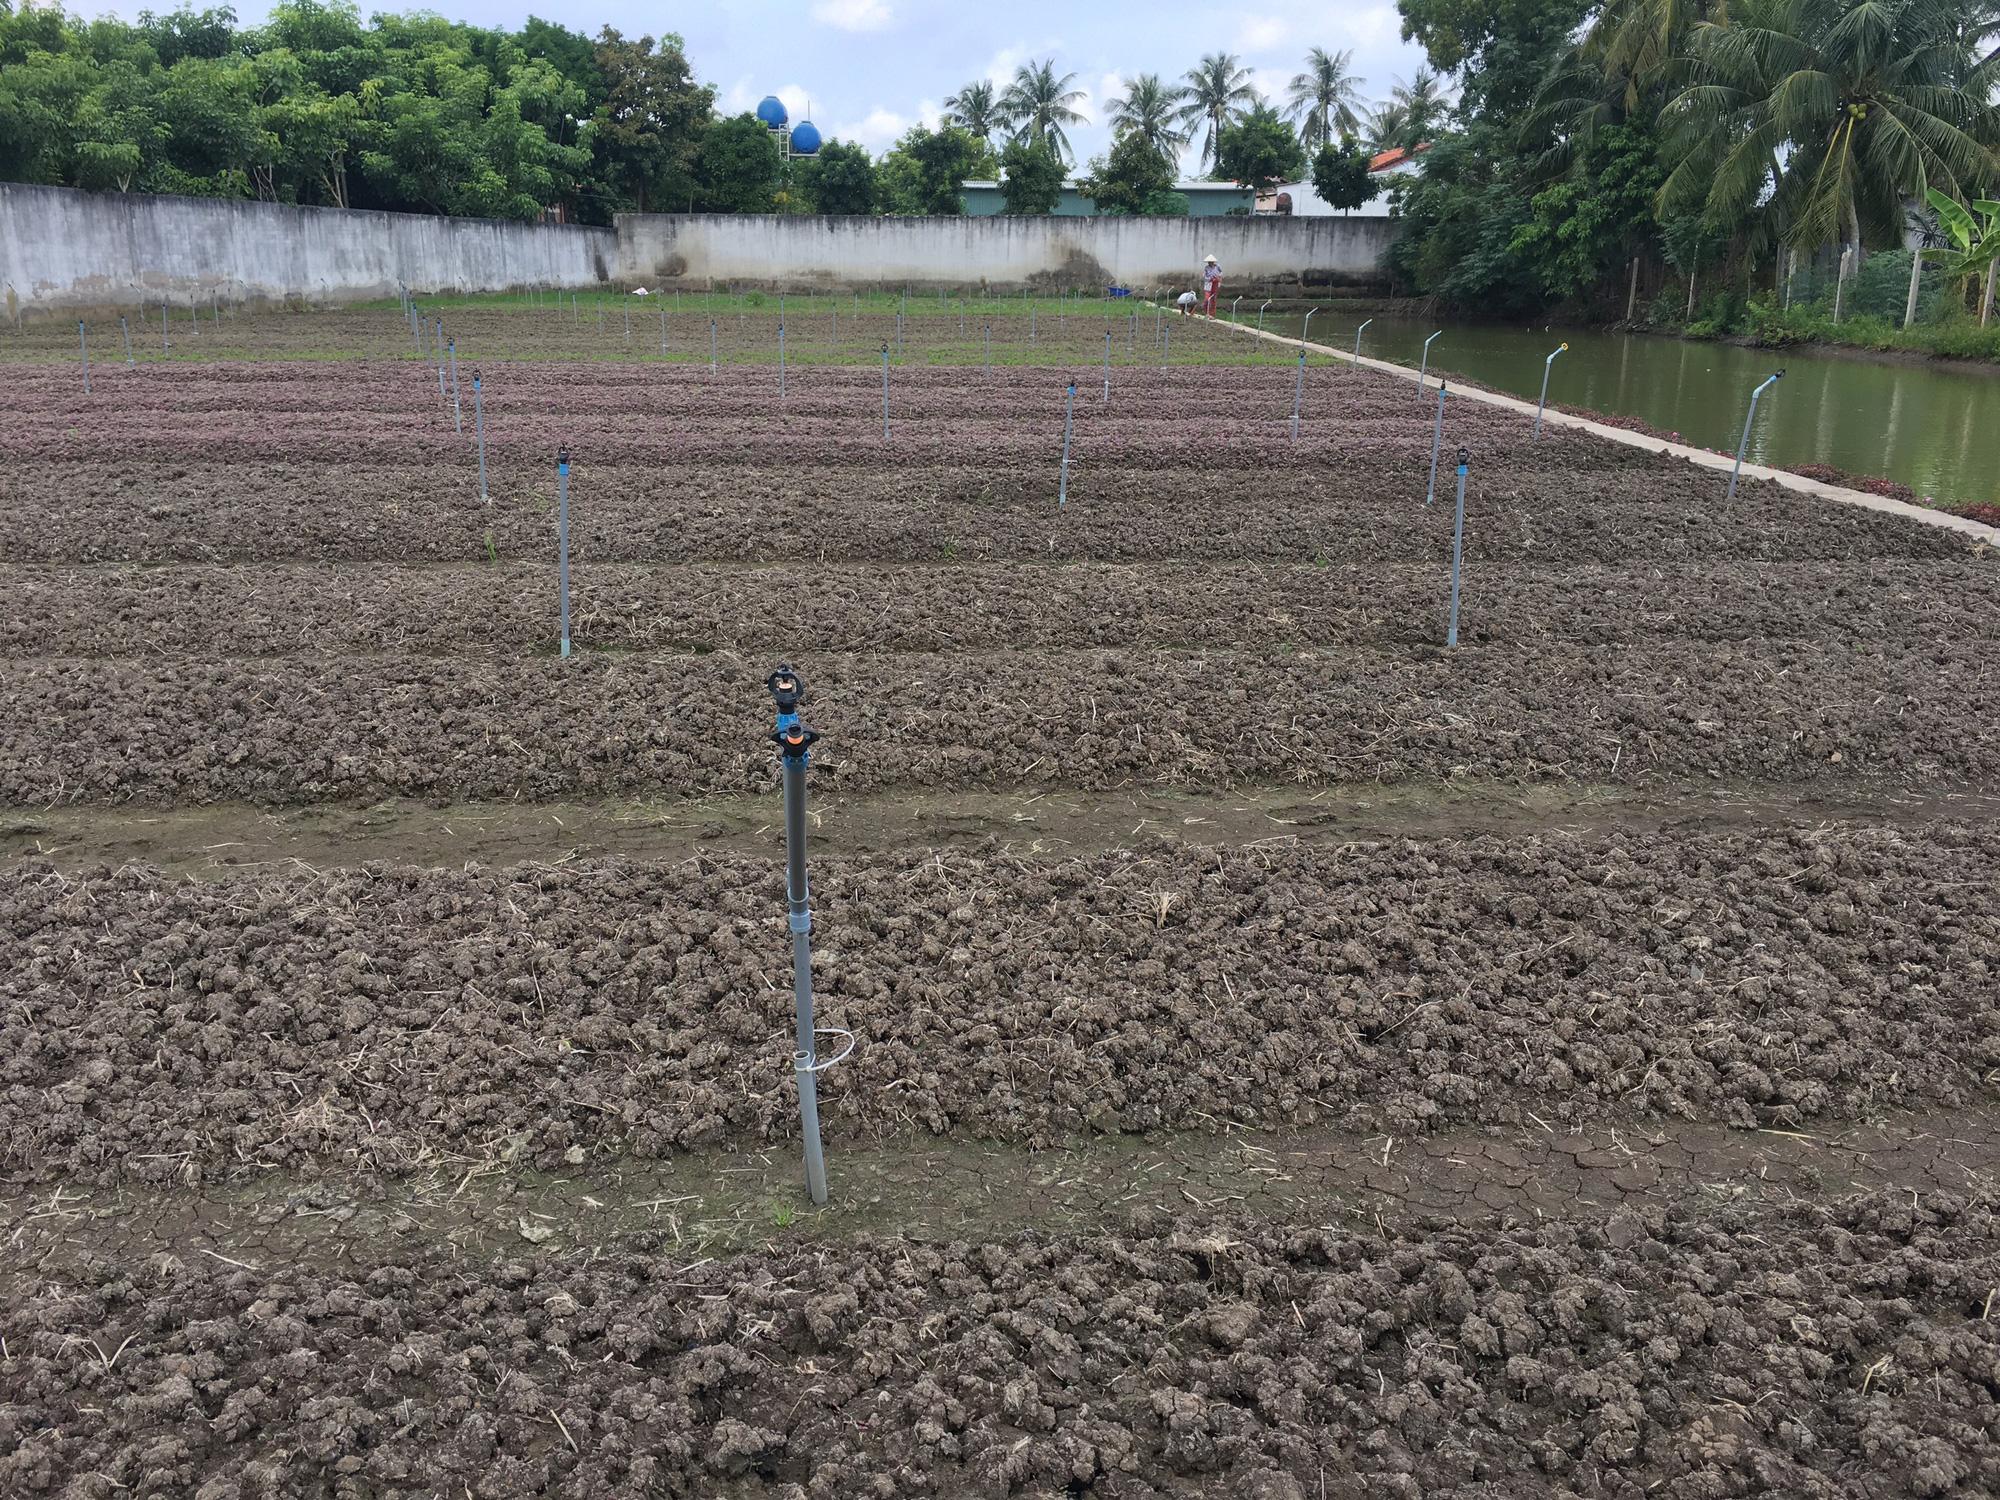 Agribank Đông Long An đồng hành với người dân trồng rau an toàn - Ảnh 4.